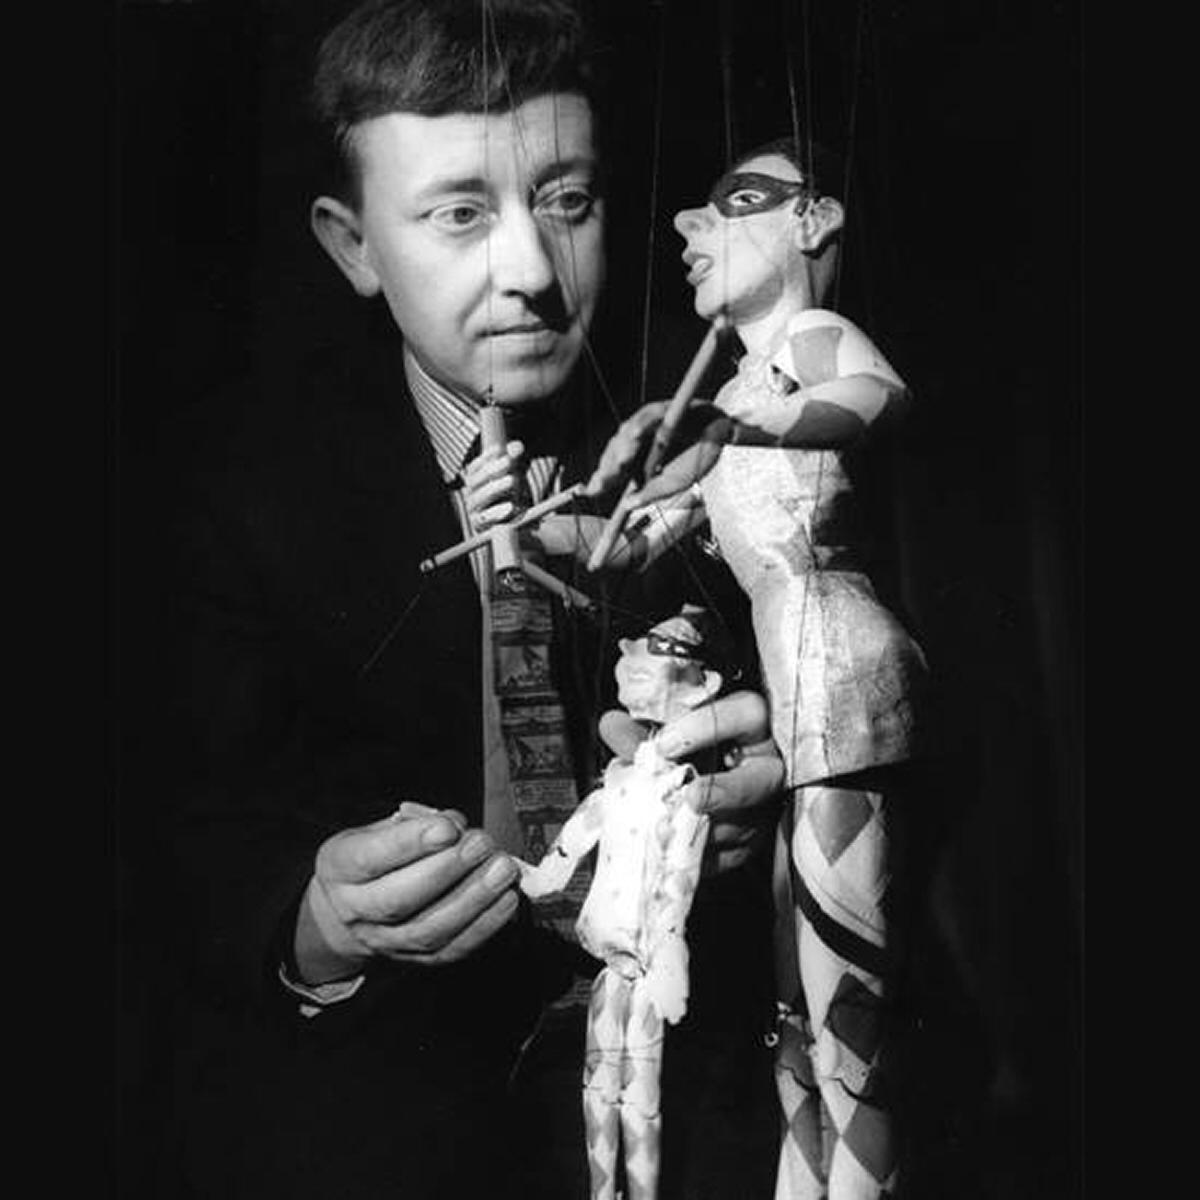 Eric Bramall des Eric Bramall Marionettes et fondateur du premier théâtre permanent de marionnettes en Grande-Bretagne, le Harlequin Puppet Theatre (Colway Bay, nord du Pays de Galle) avec deux de ses marionnettes de harlequin. En cabaret, la plus grande marionnette manipulait la plus petite. Photo réproduite avec l'aimable autorisation de Michael Dixon et Christopher Somerville